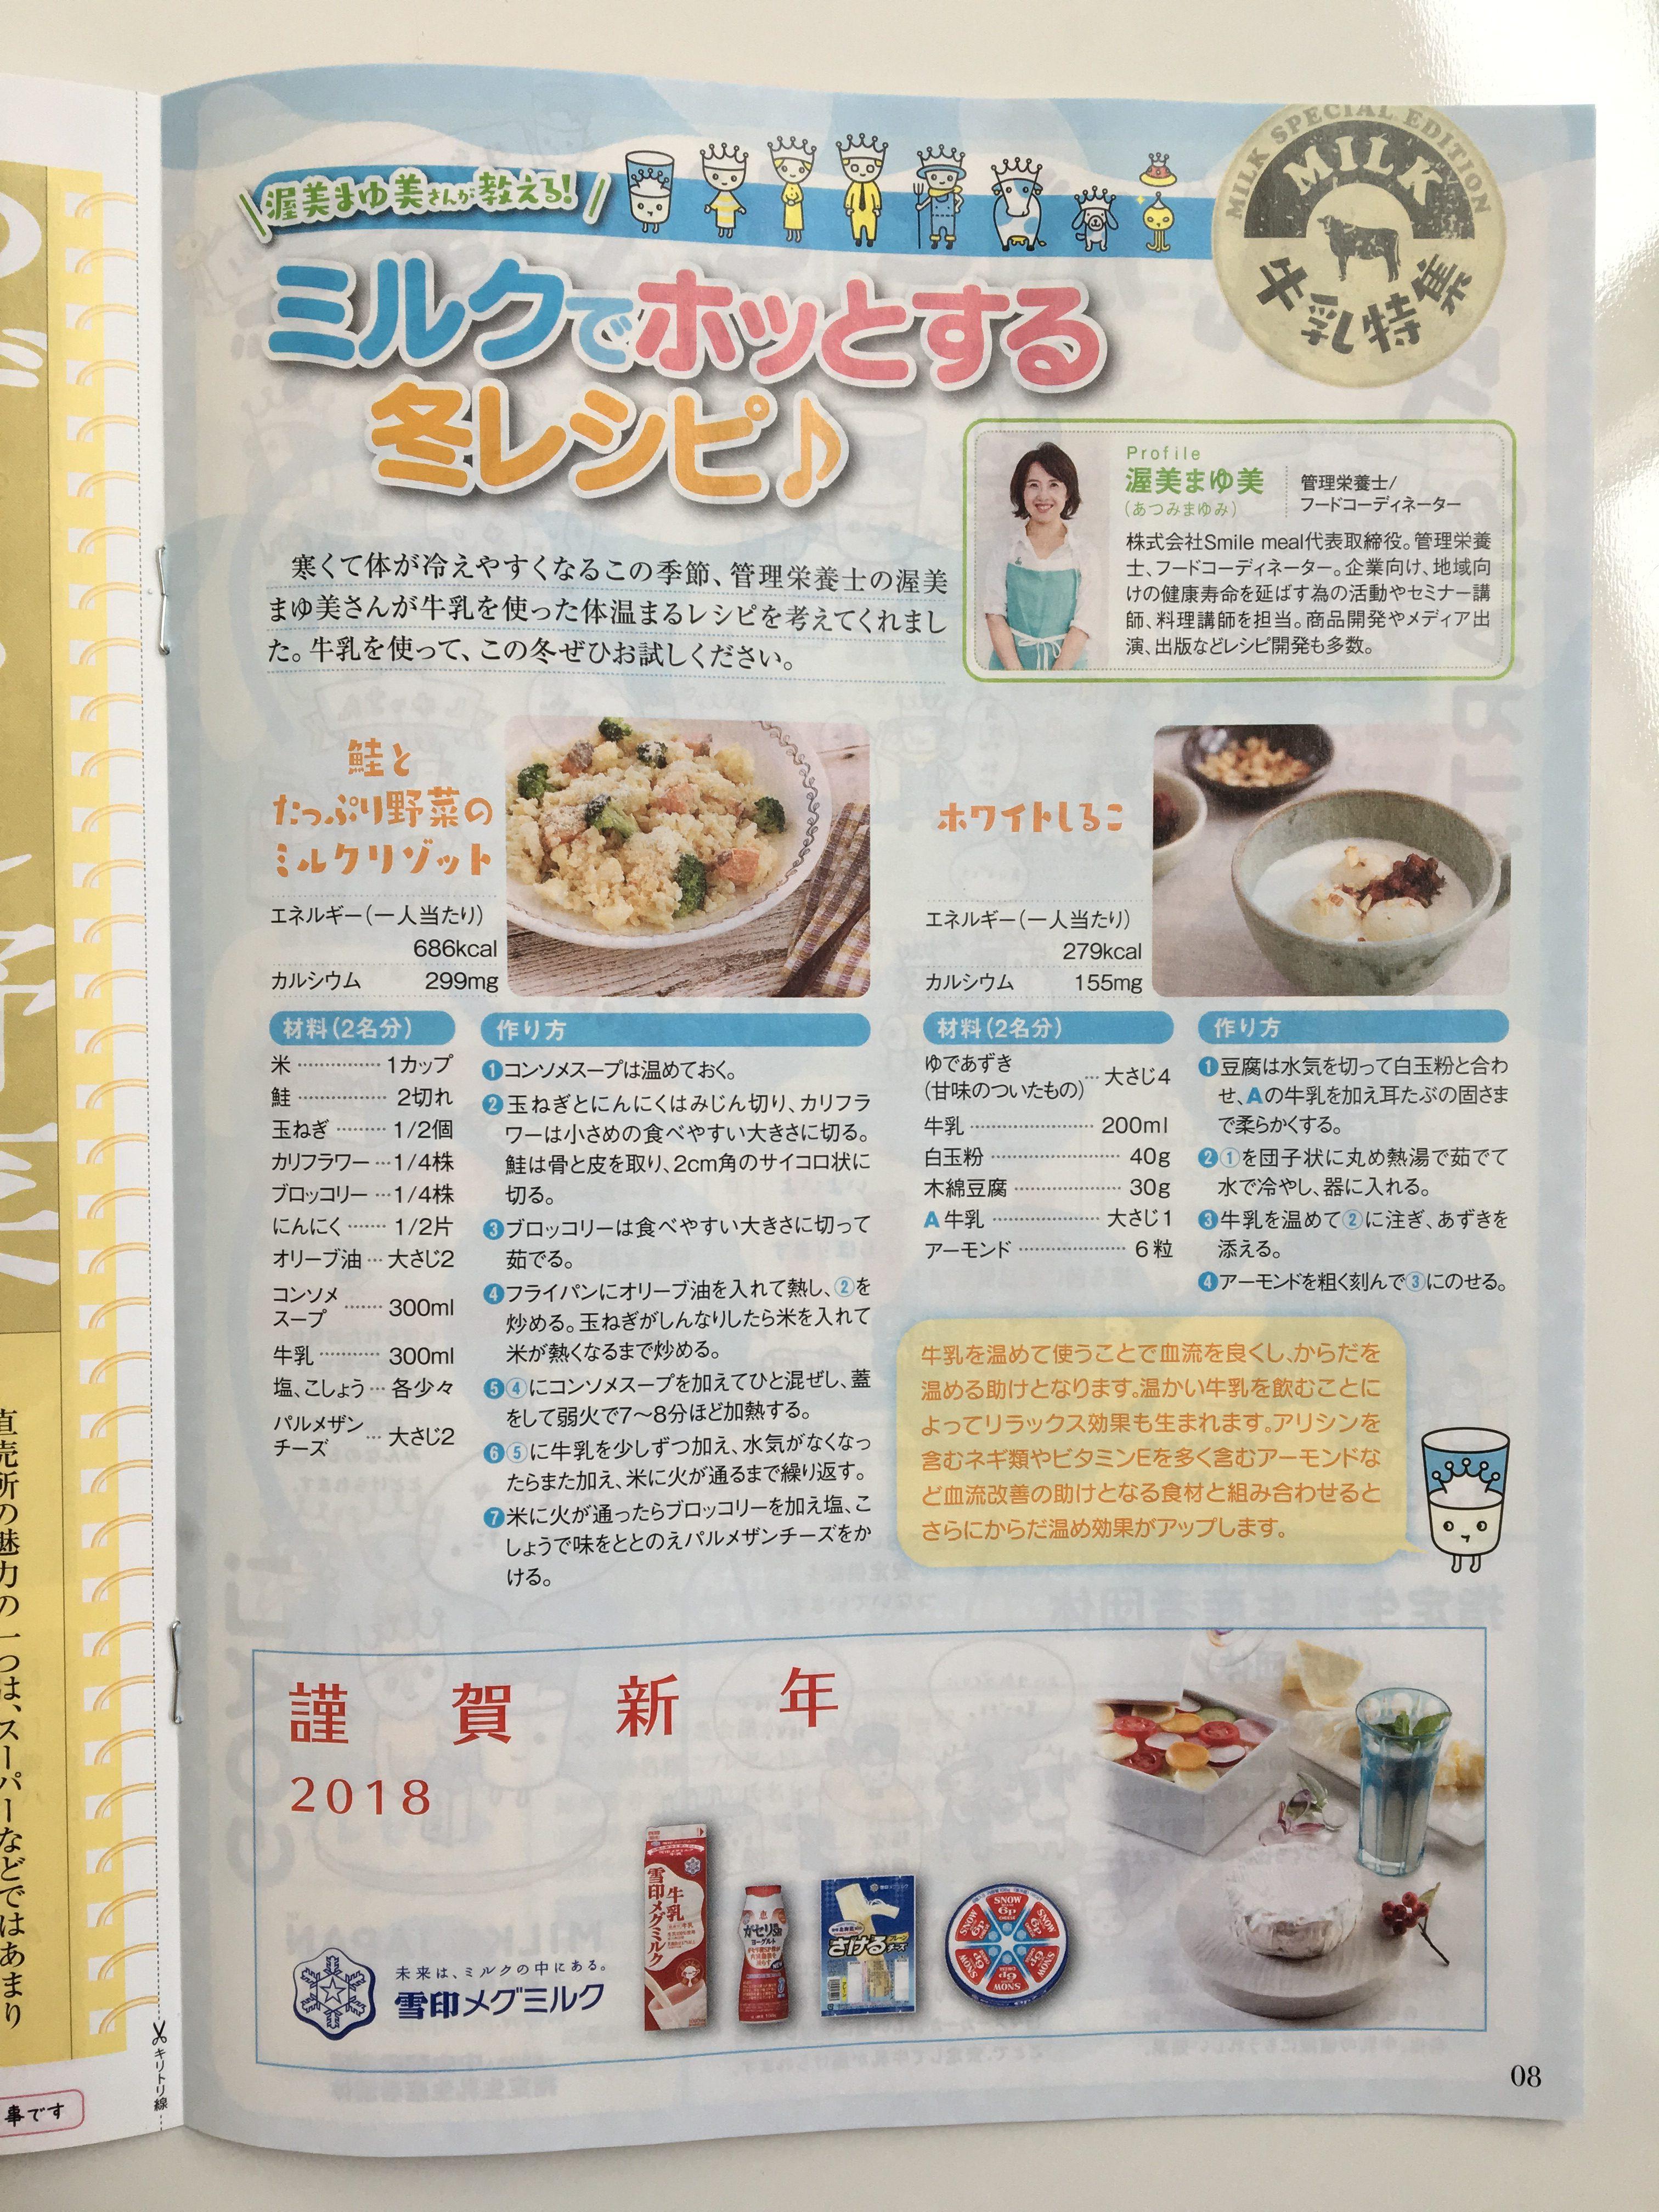 【掲載】フレマルシェ;ミルクでほっとする冬レシピ